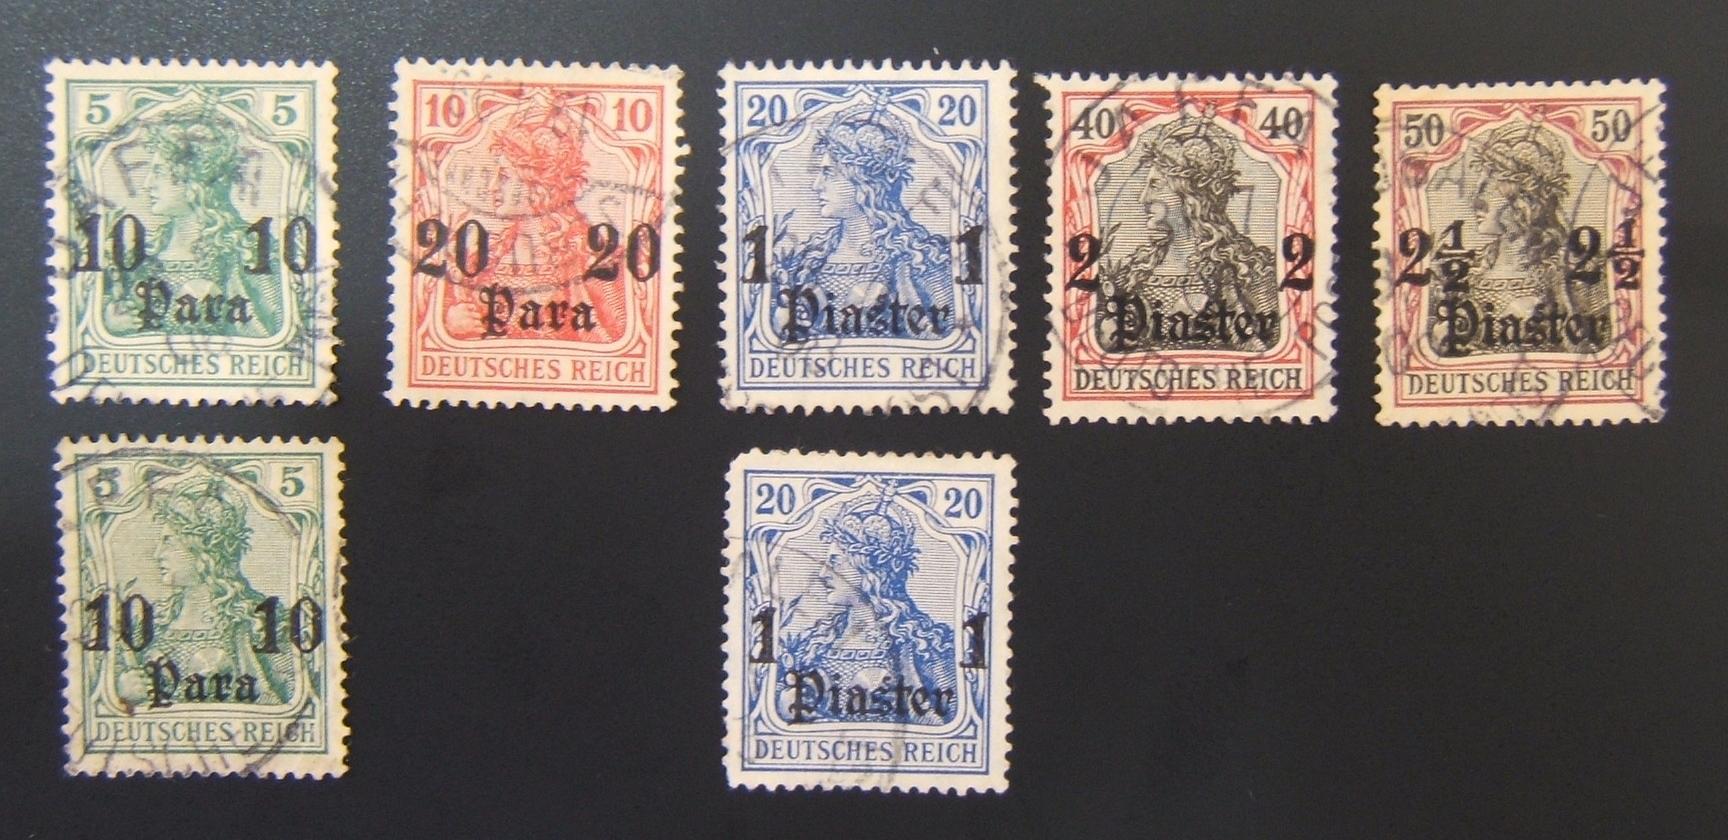 Deutsche Post Heiliges Land: Menge x7 Jer. & Jaffa abgestempelt Deutsches Reich Briefmarken mit Wasserzeichen